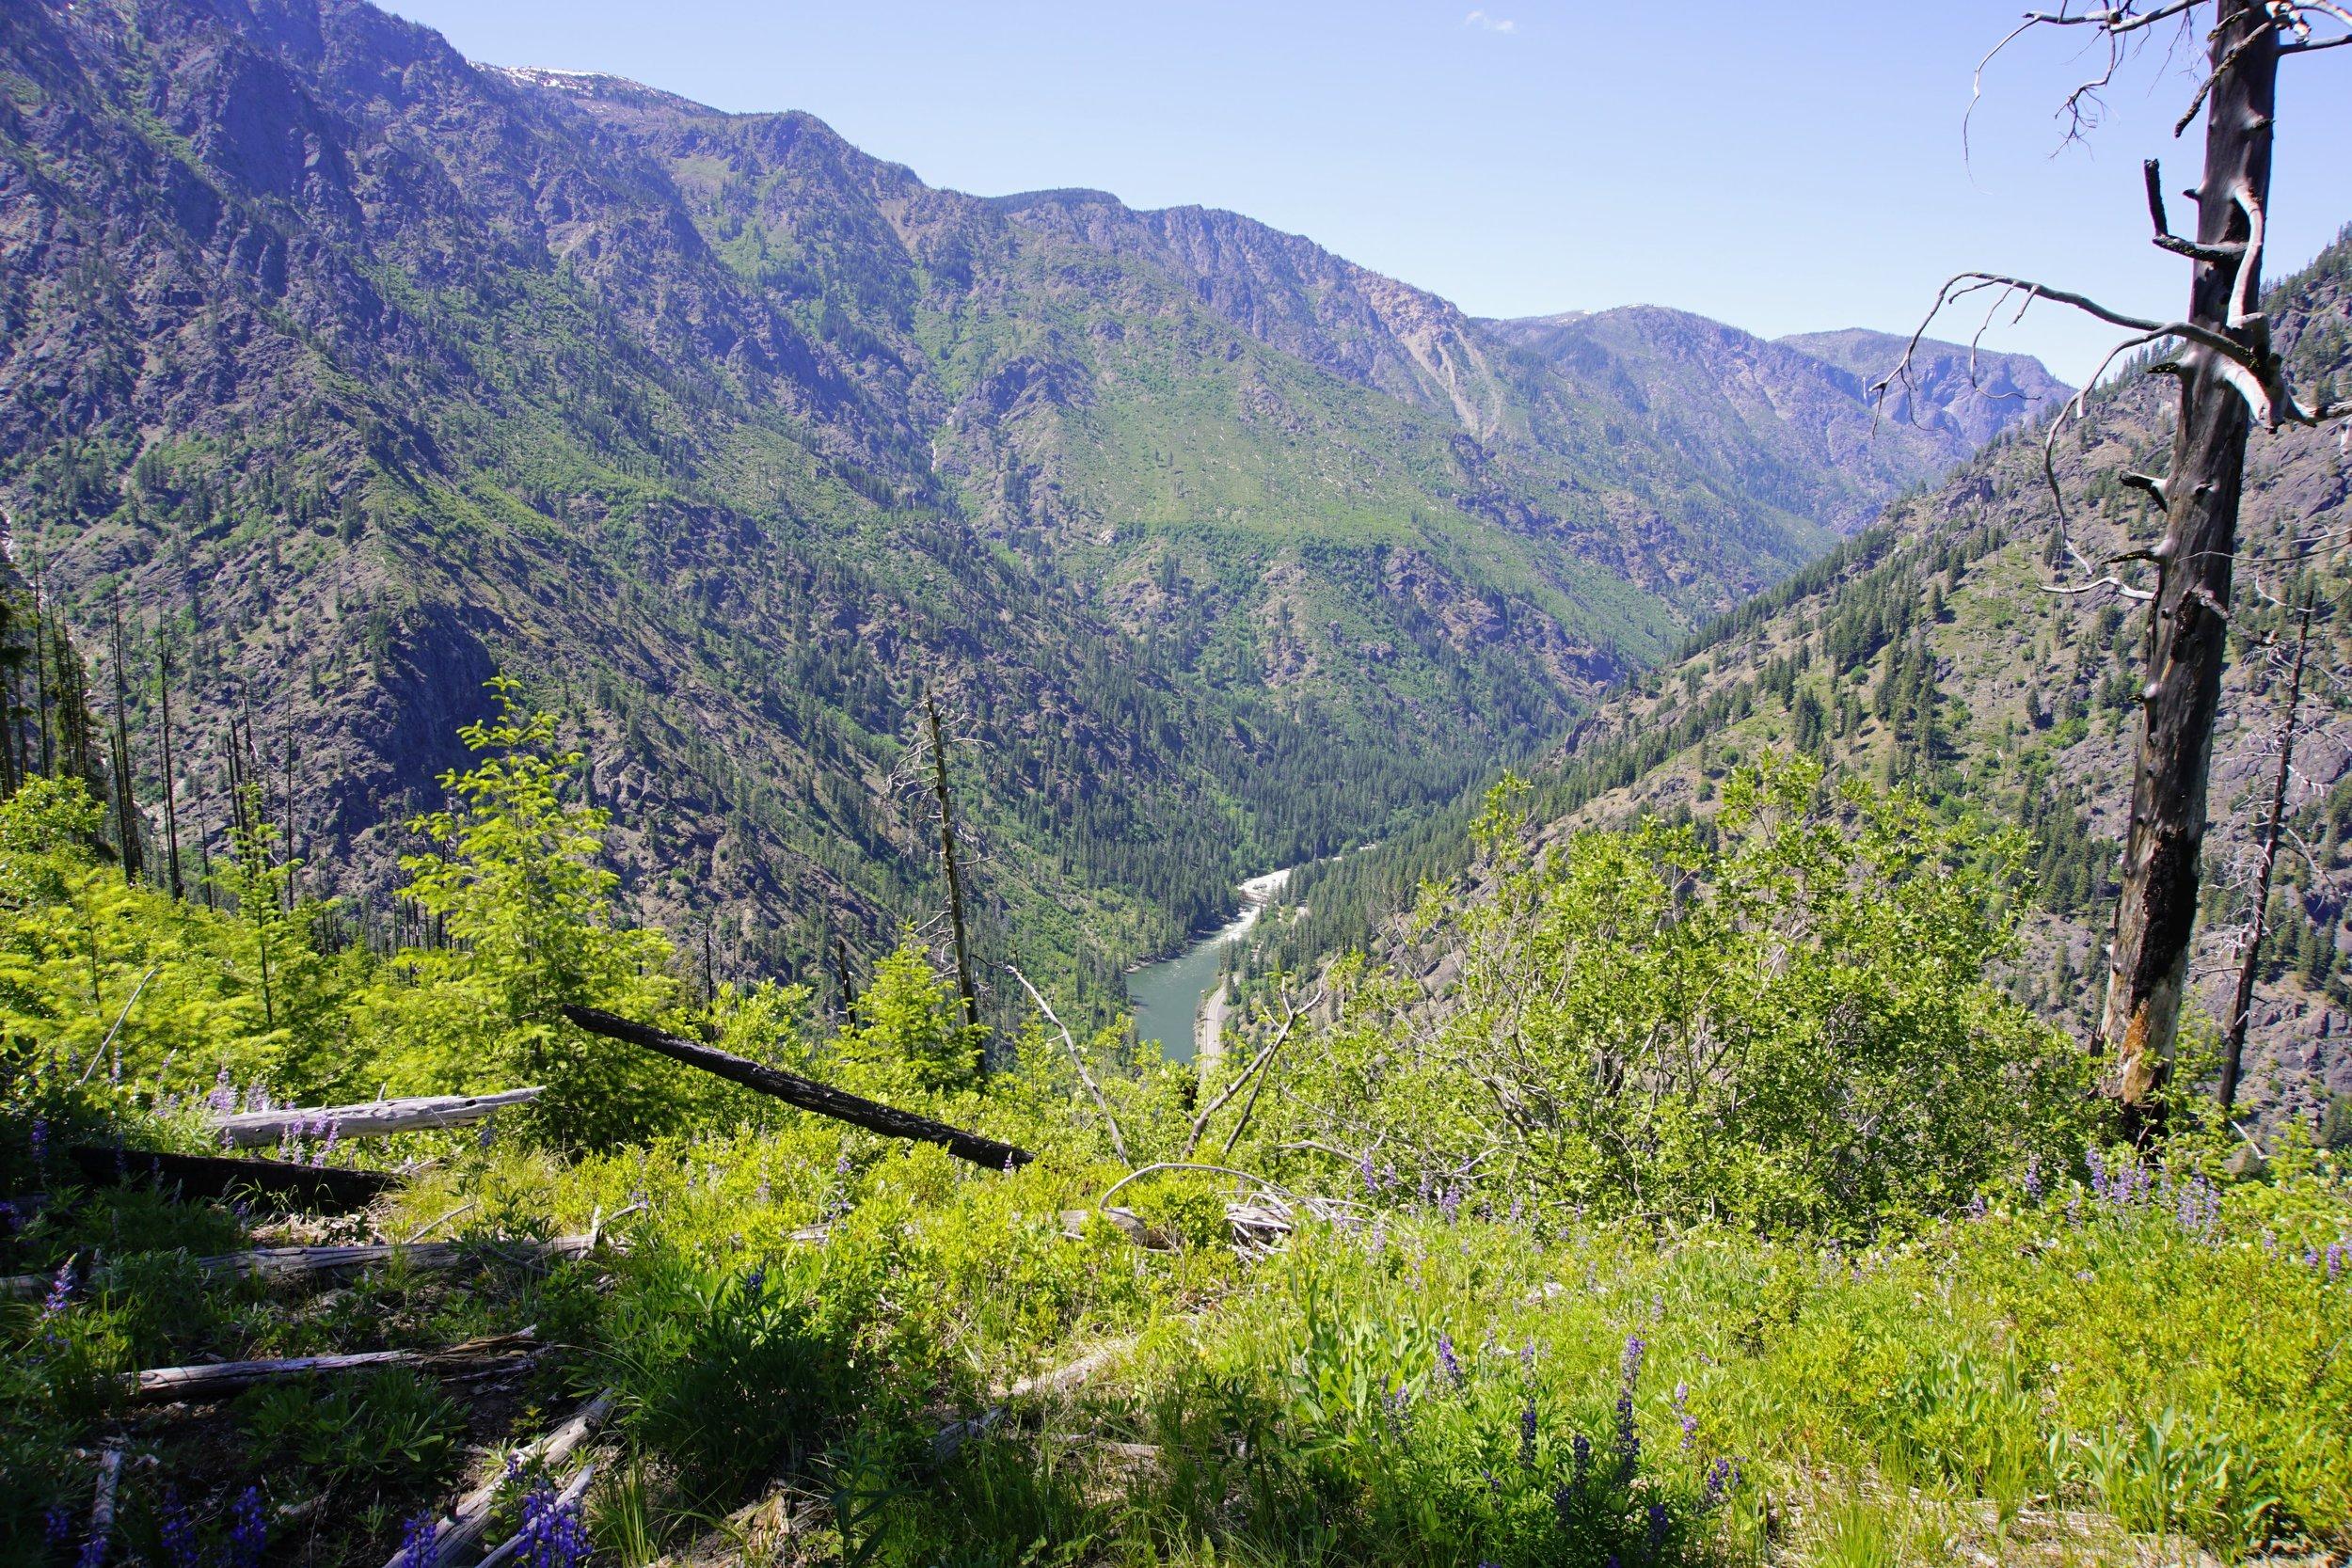 Wenatchee River down below